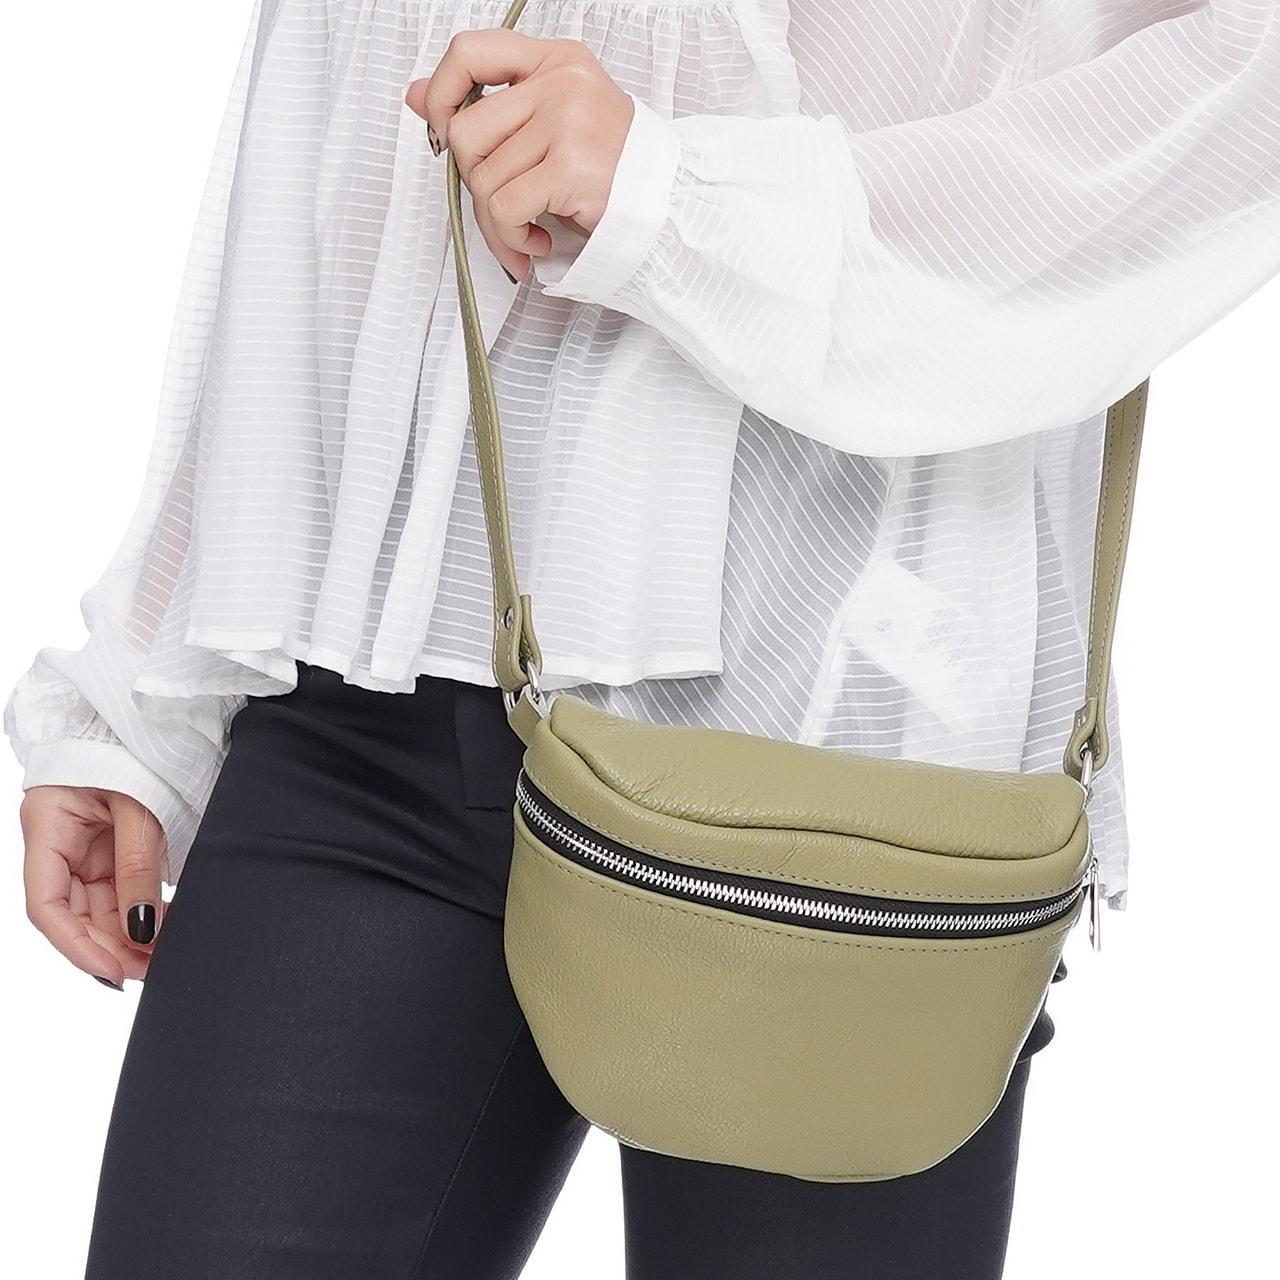 Кожаная женская сумка Modern (с подкладкой), цвет Олива